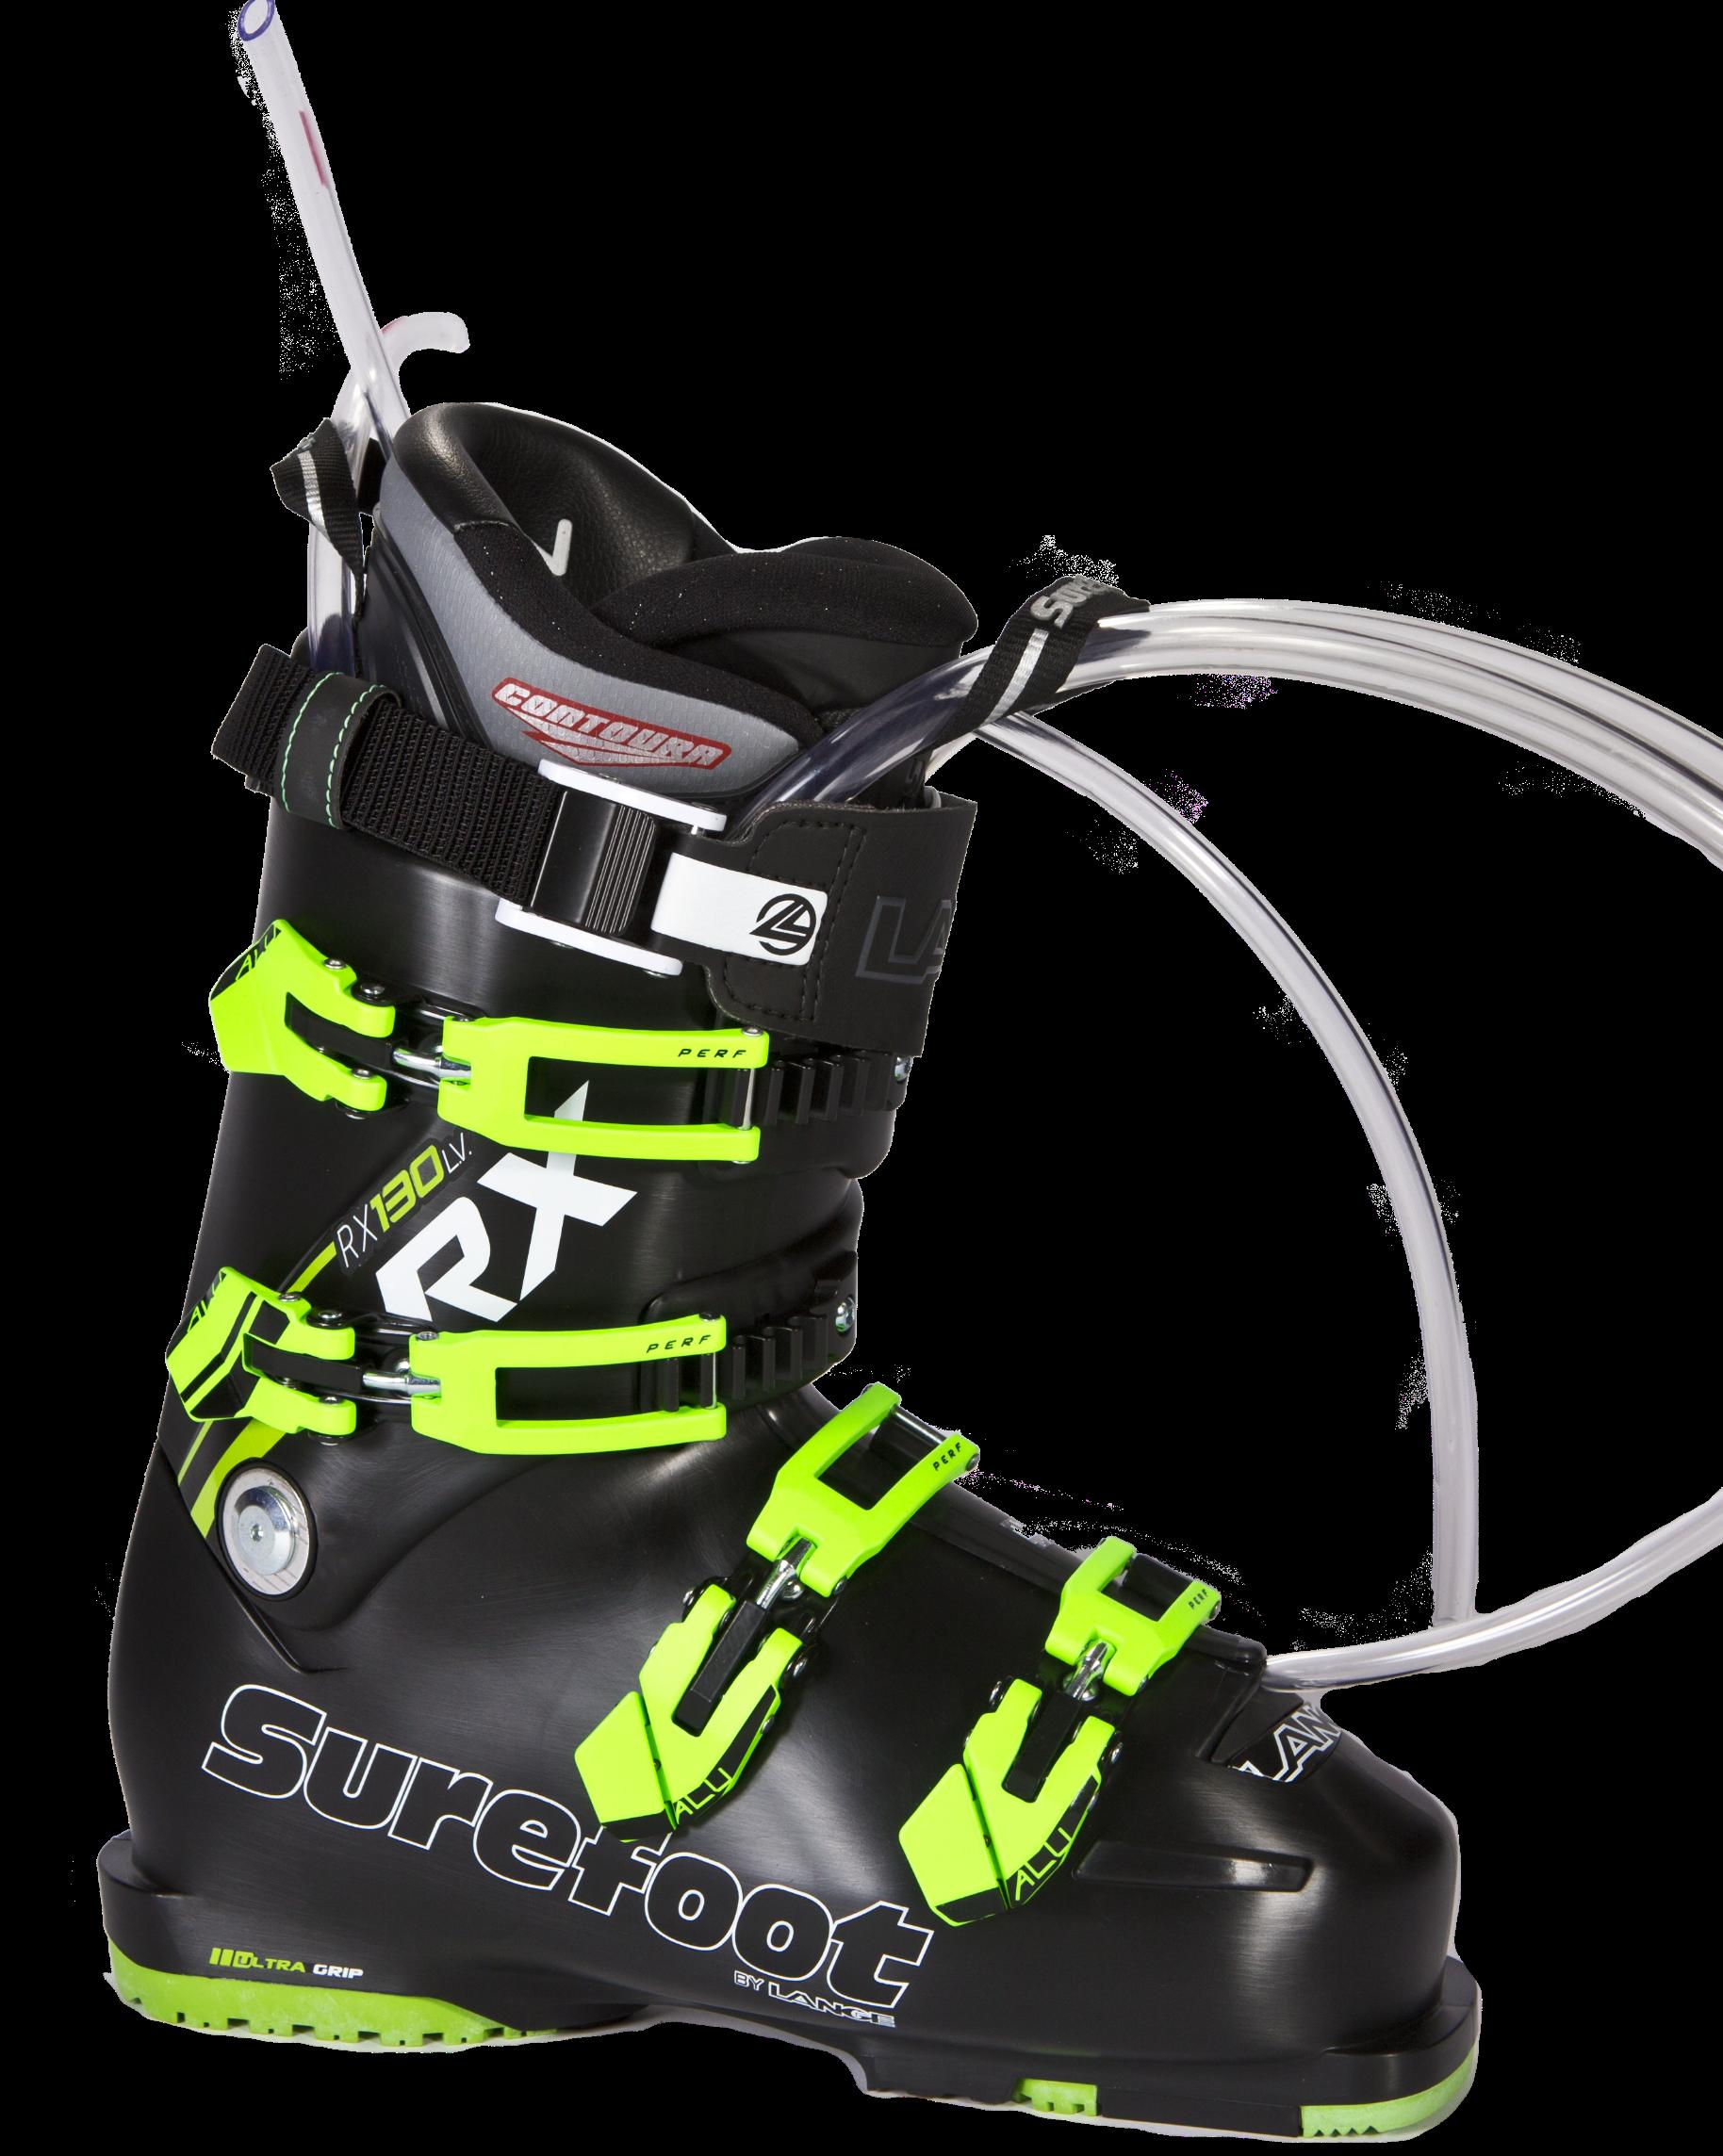 meilleure valeur les ventes chaudes chaussures de sport Ski Boots